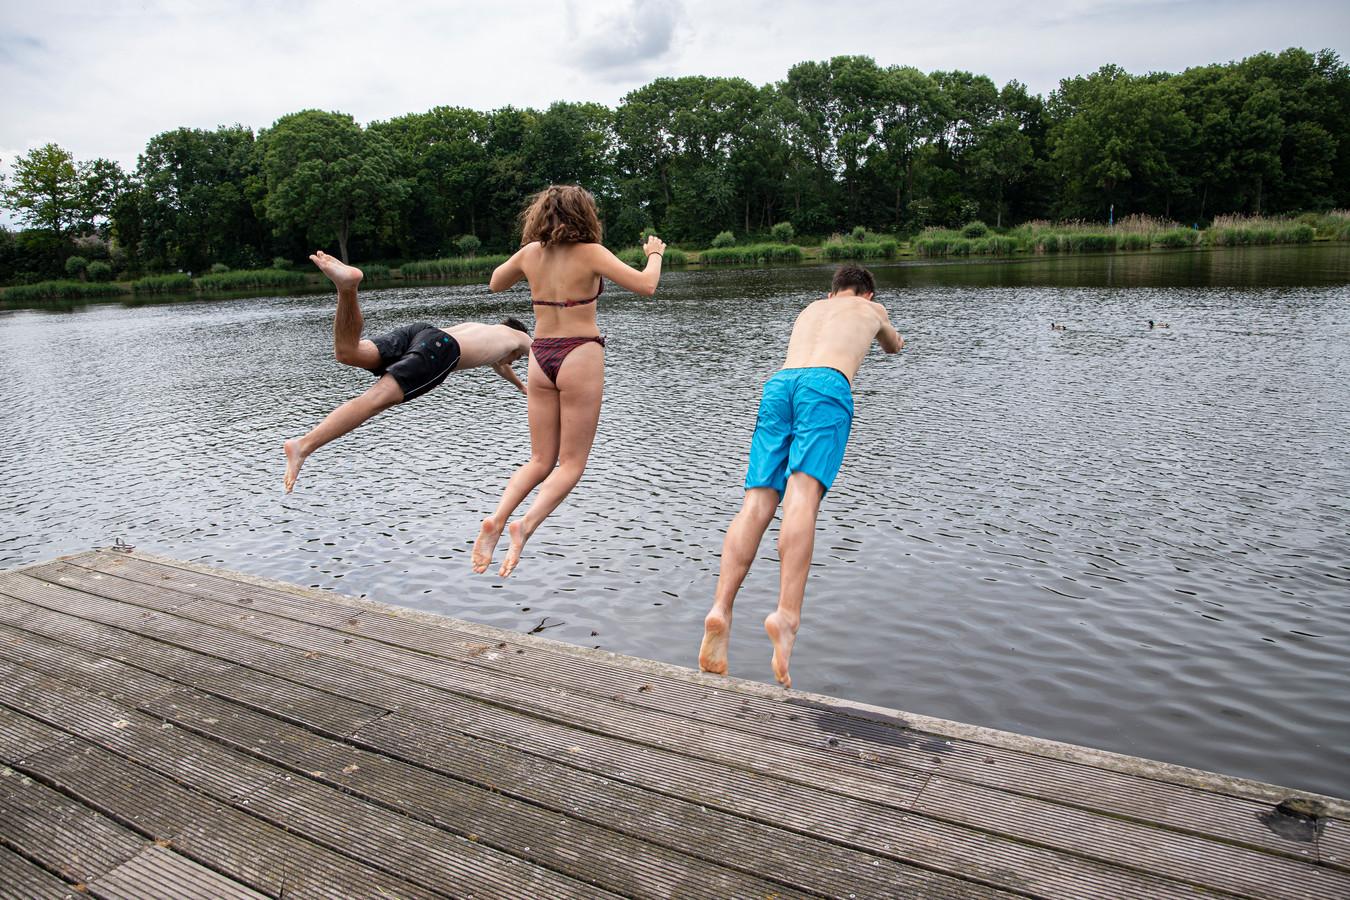 Tim de Vries, Lien Fermont en Demian Faas (vlnr) springen in de Otheense Kreek.